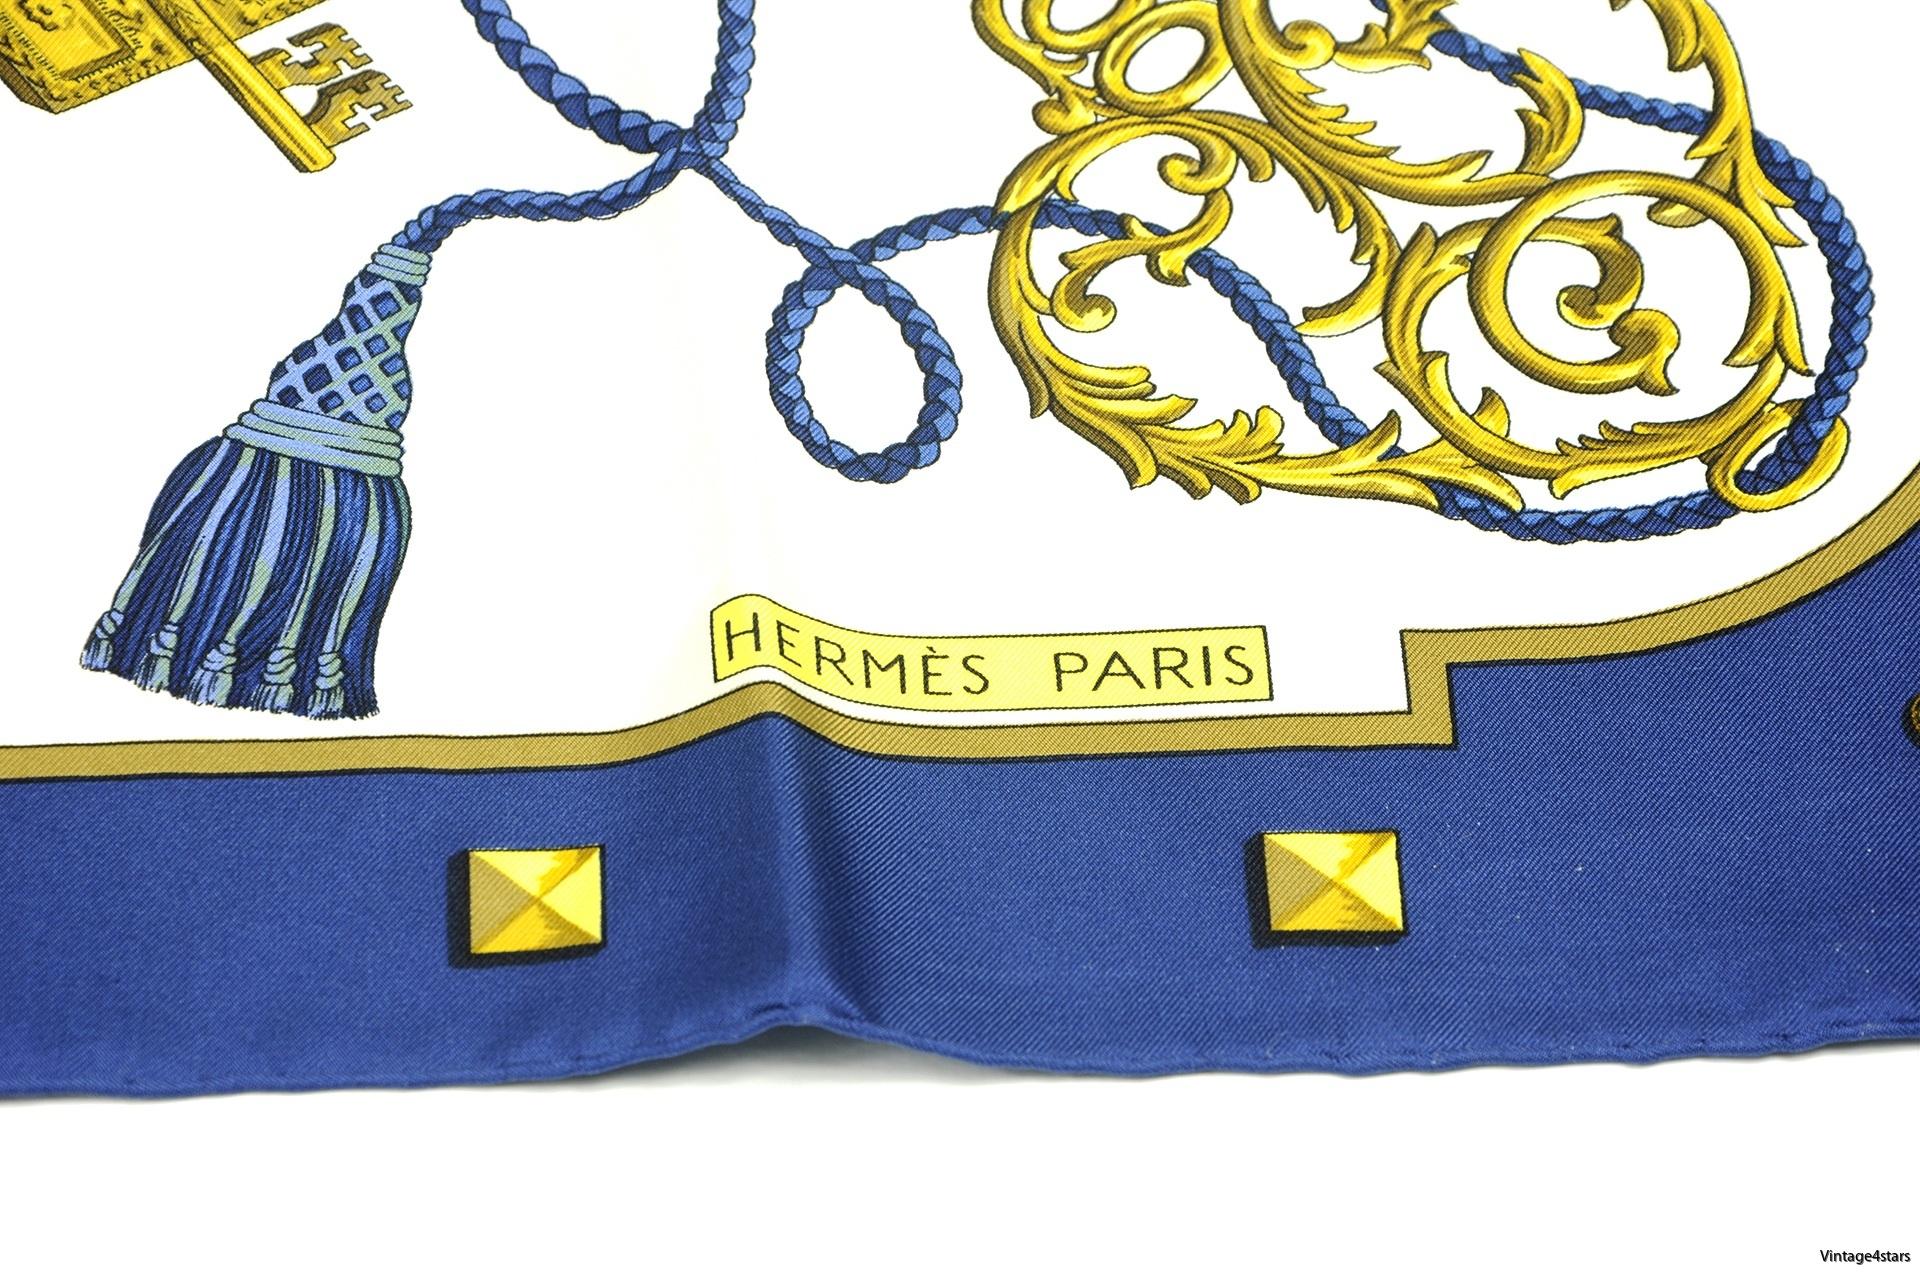 HERMÈS Les Clés 2